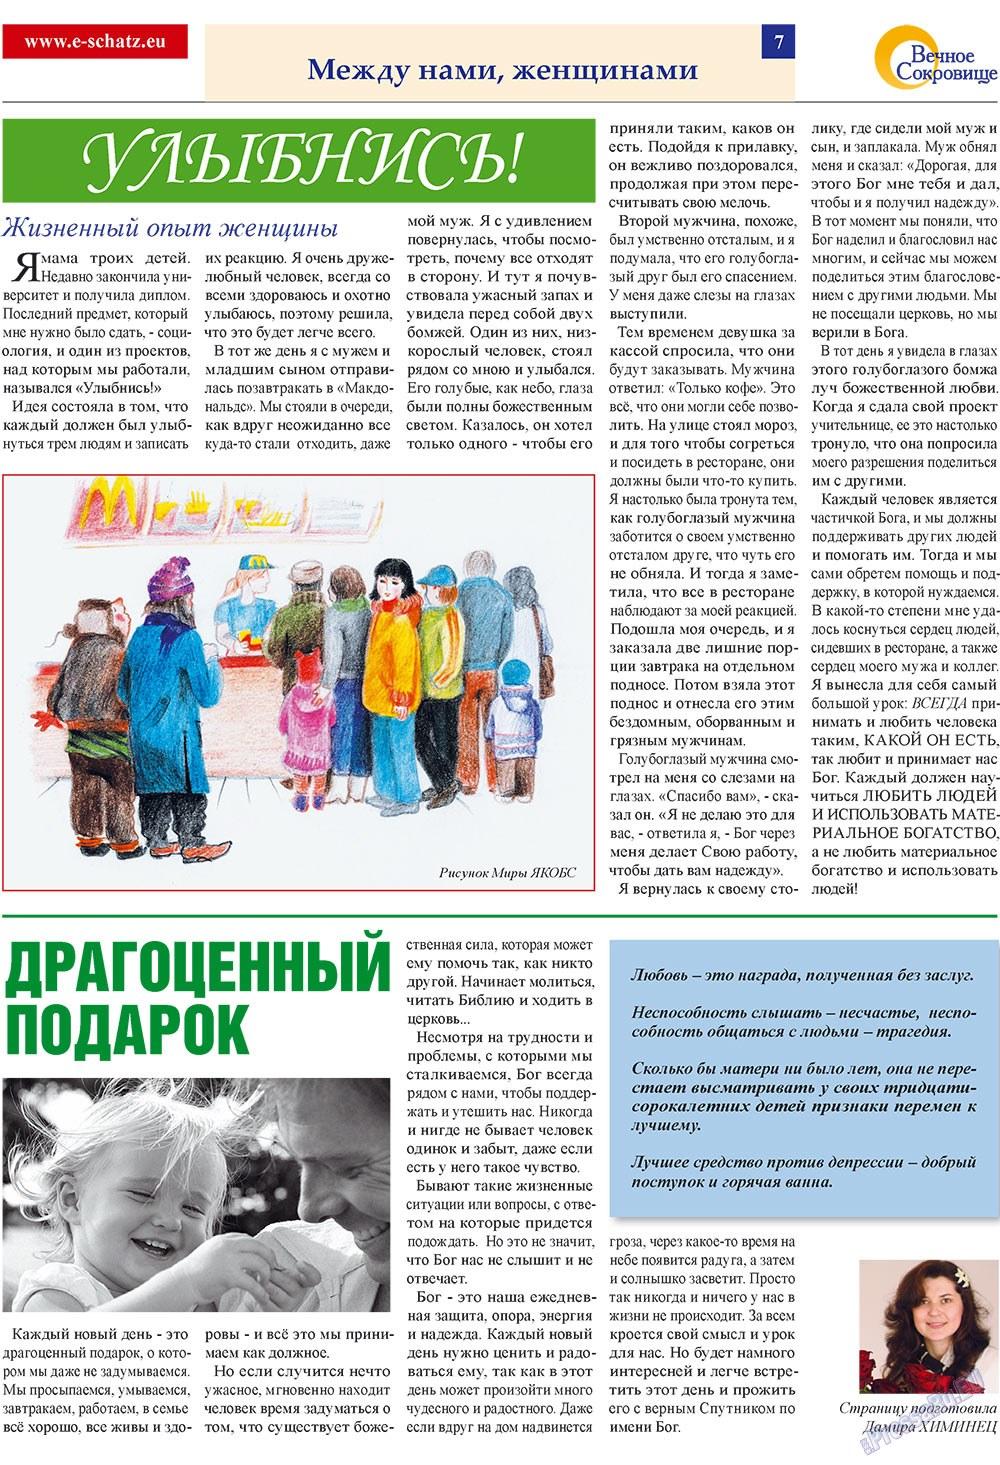 Вечное сокровище (газета). 2009 год, номер 1, стр. 7